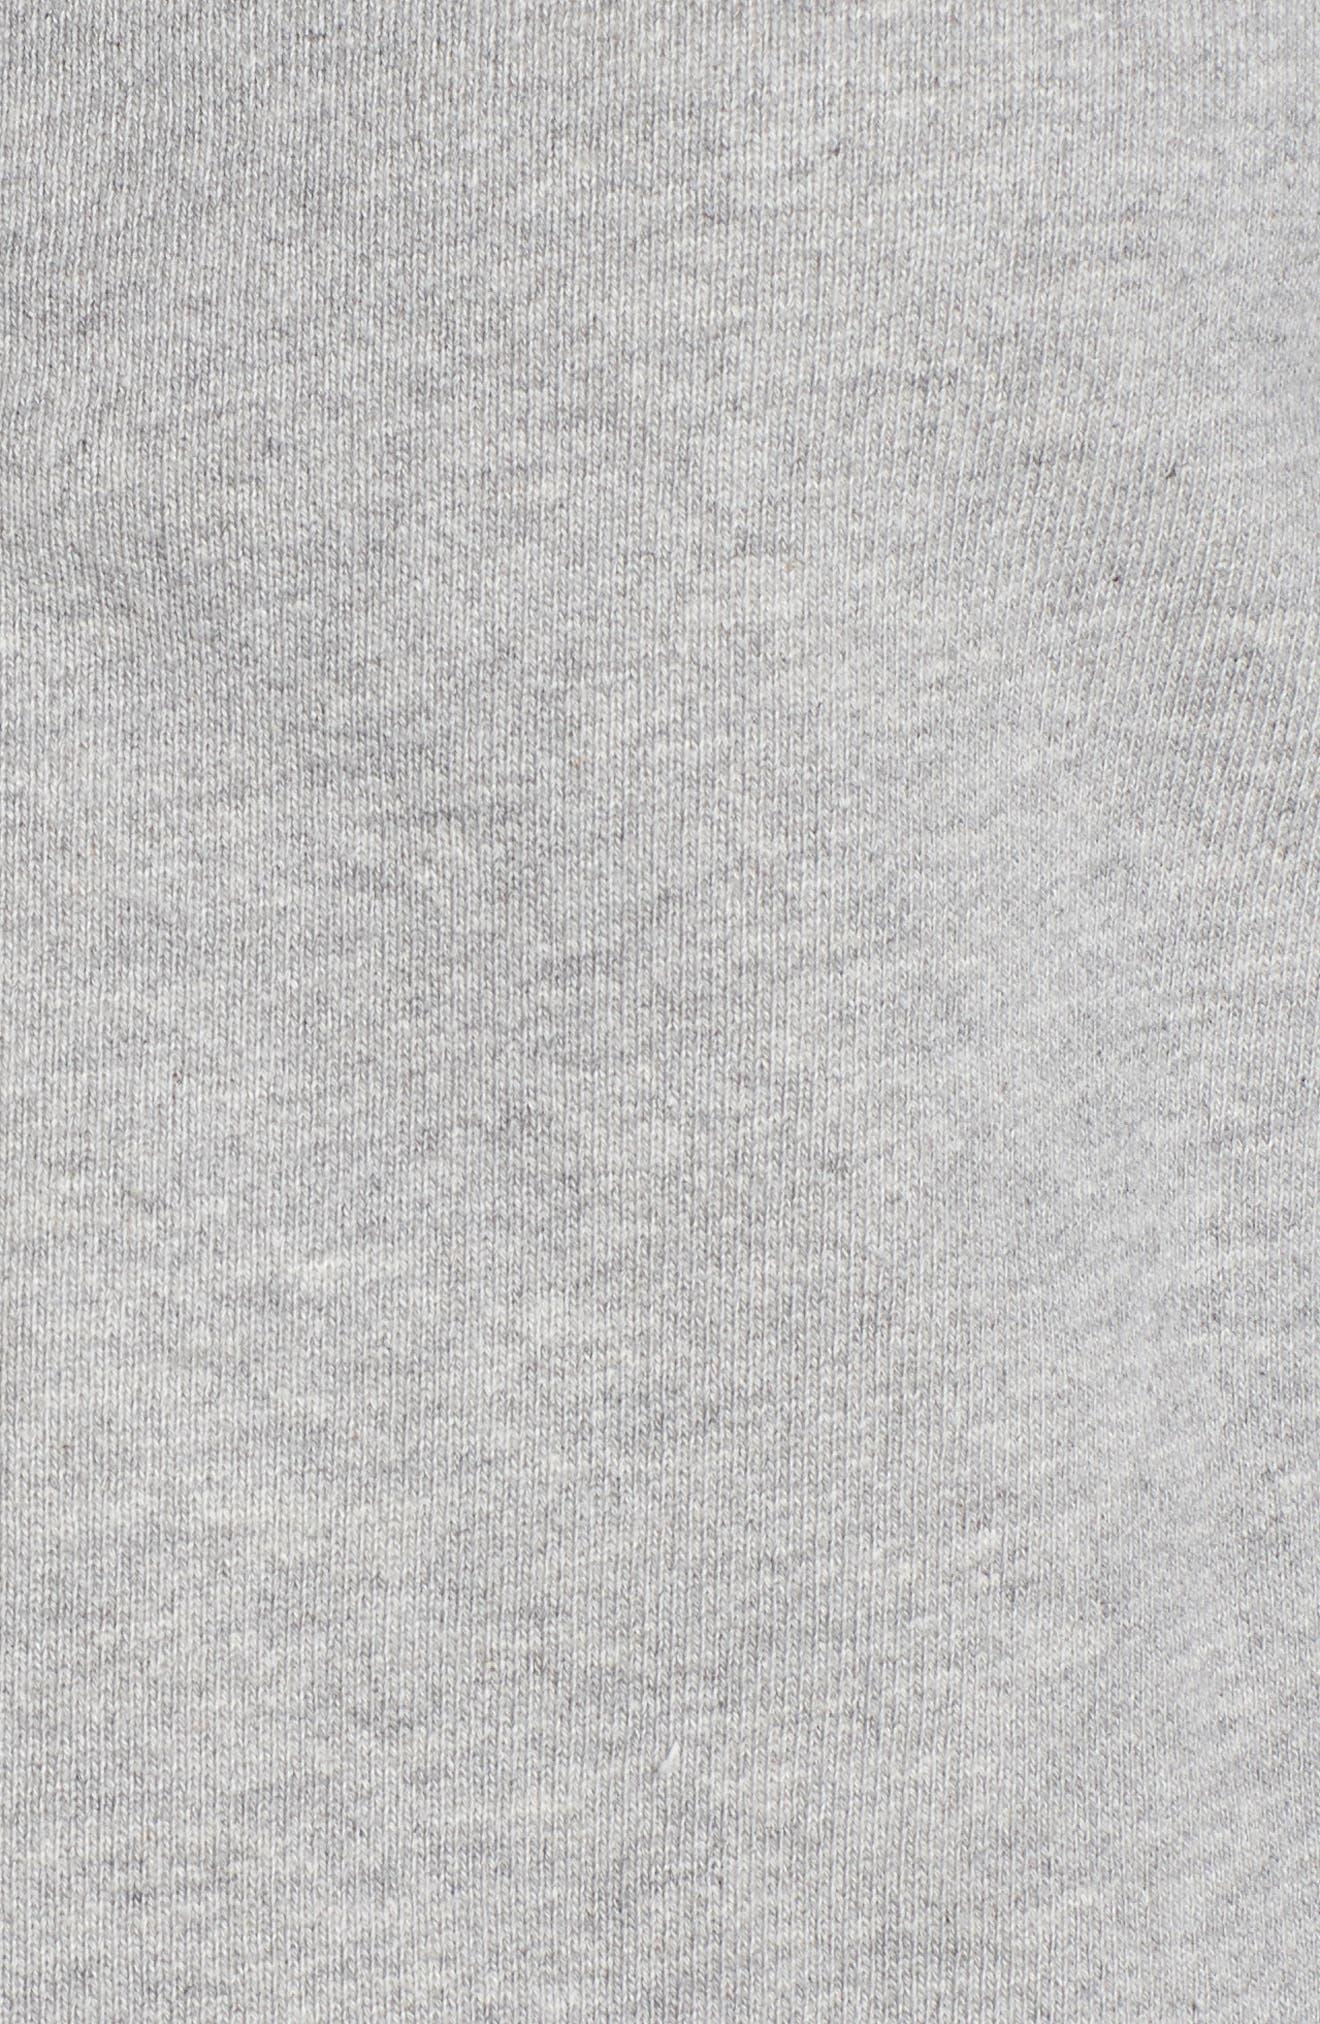 Crop Zip Sweatshirt,                             Alternate thumbnail 6, color,                             Heather Grey